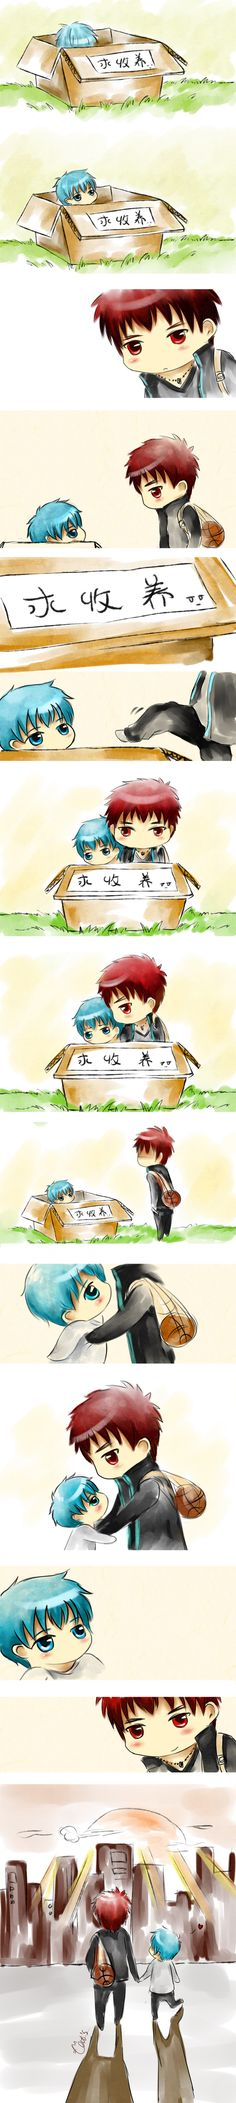 I wanna take Tetsu home too >w<